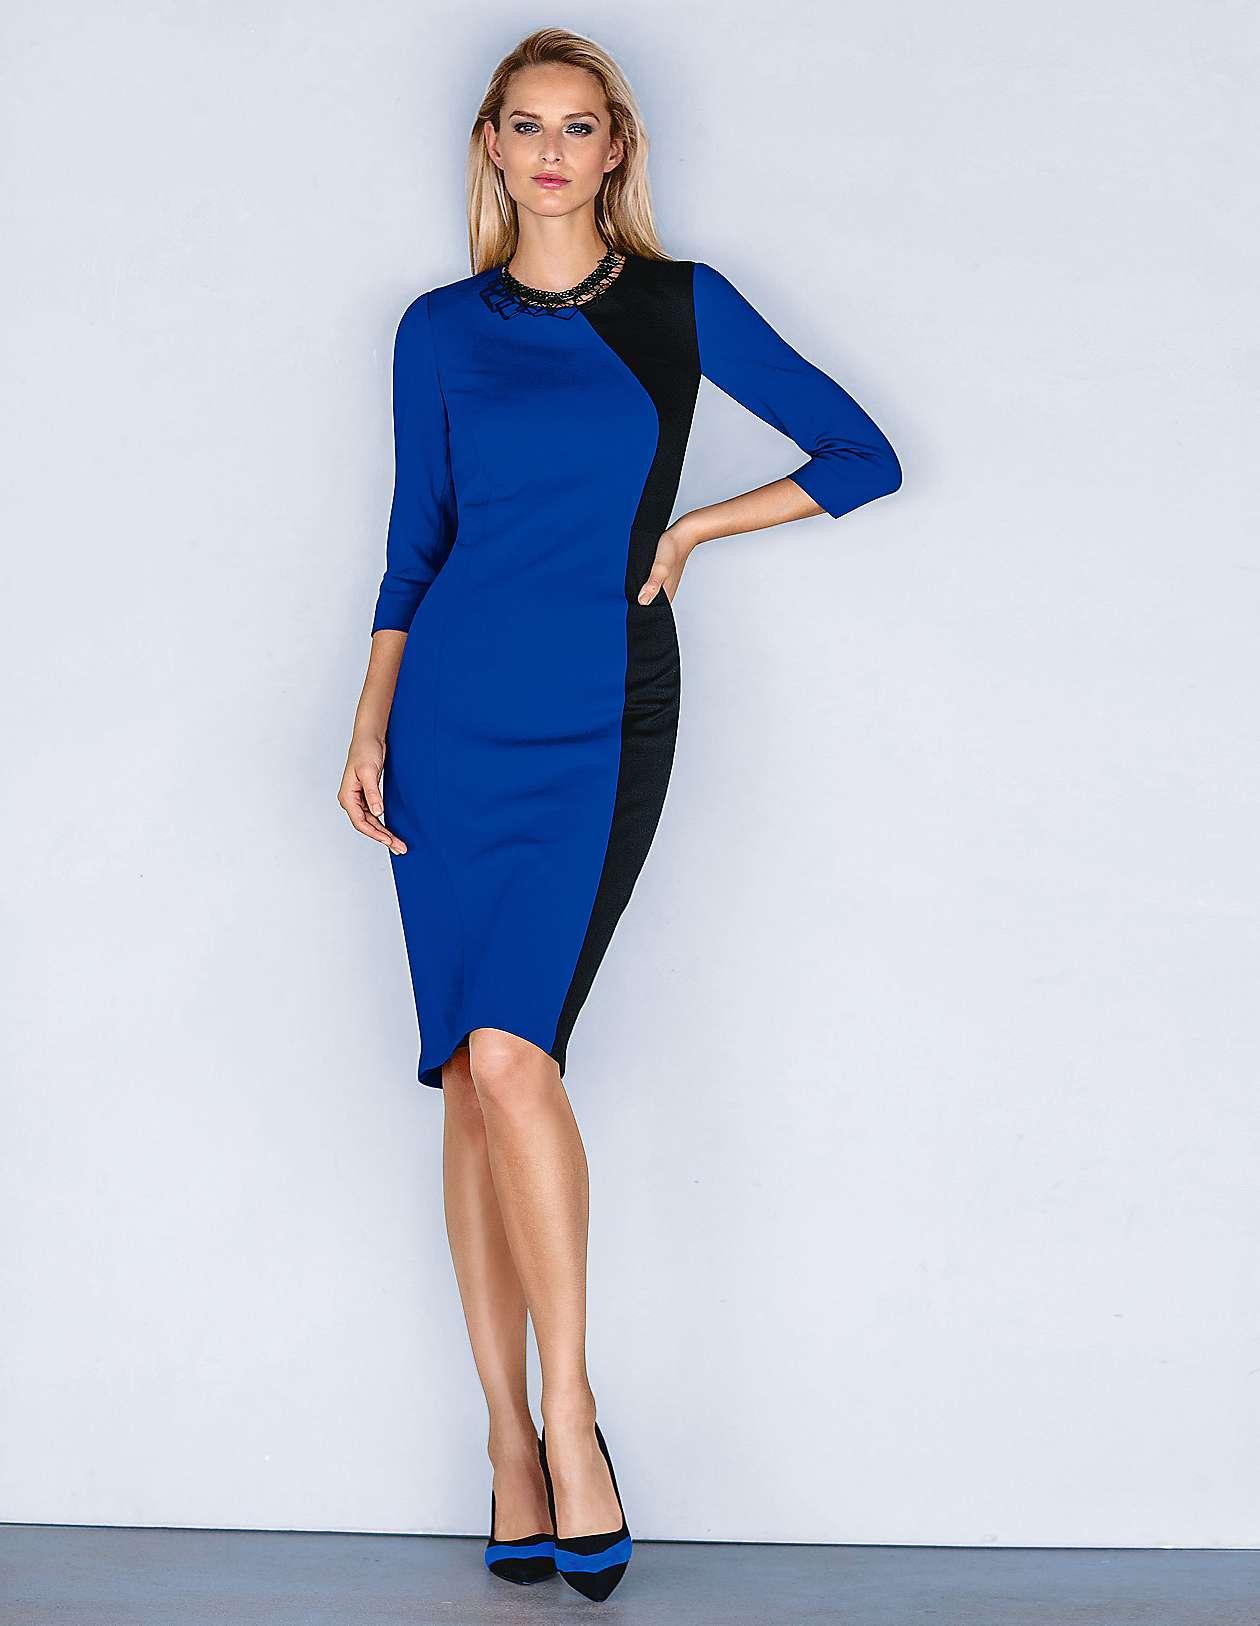 789c9bffc74566 Elegante Kleider für stilvolle Auftritte bestellen | MADELEINE Mode